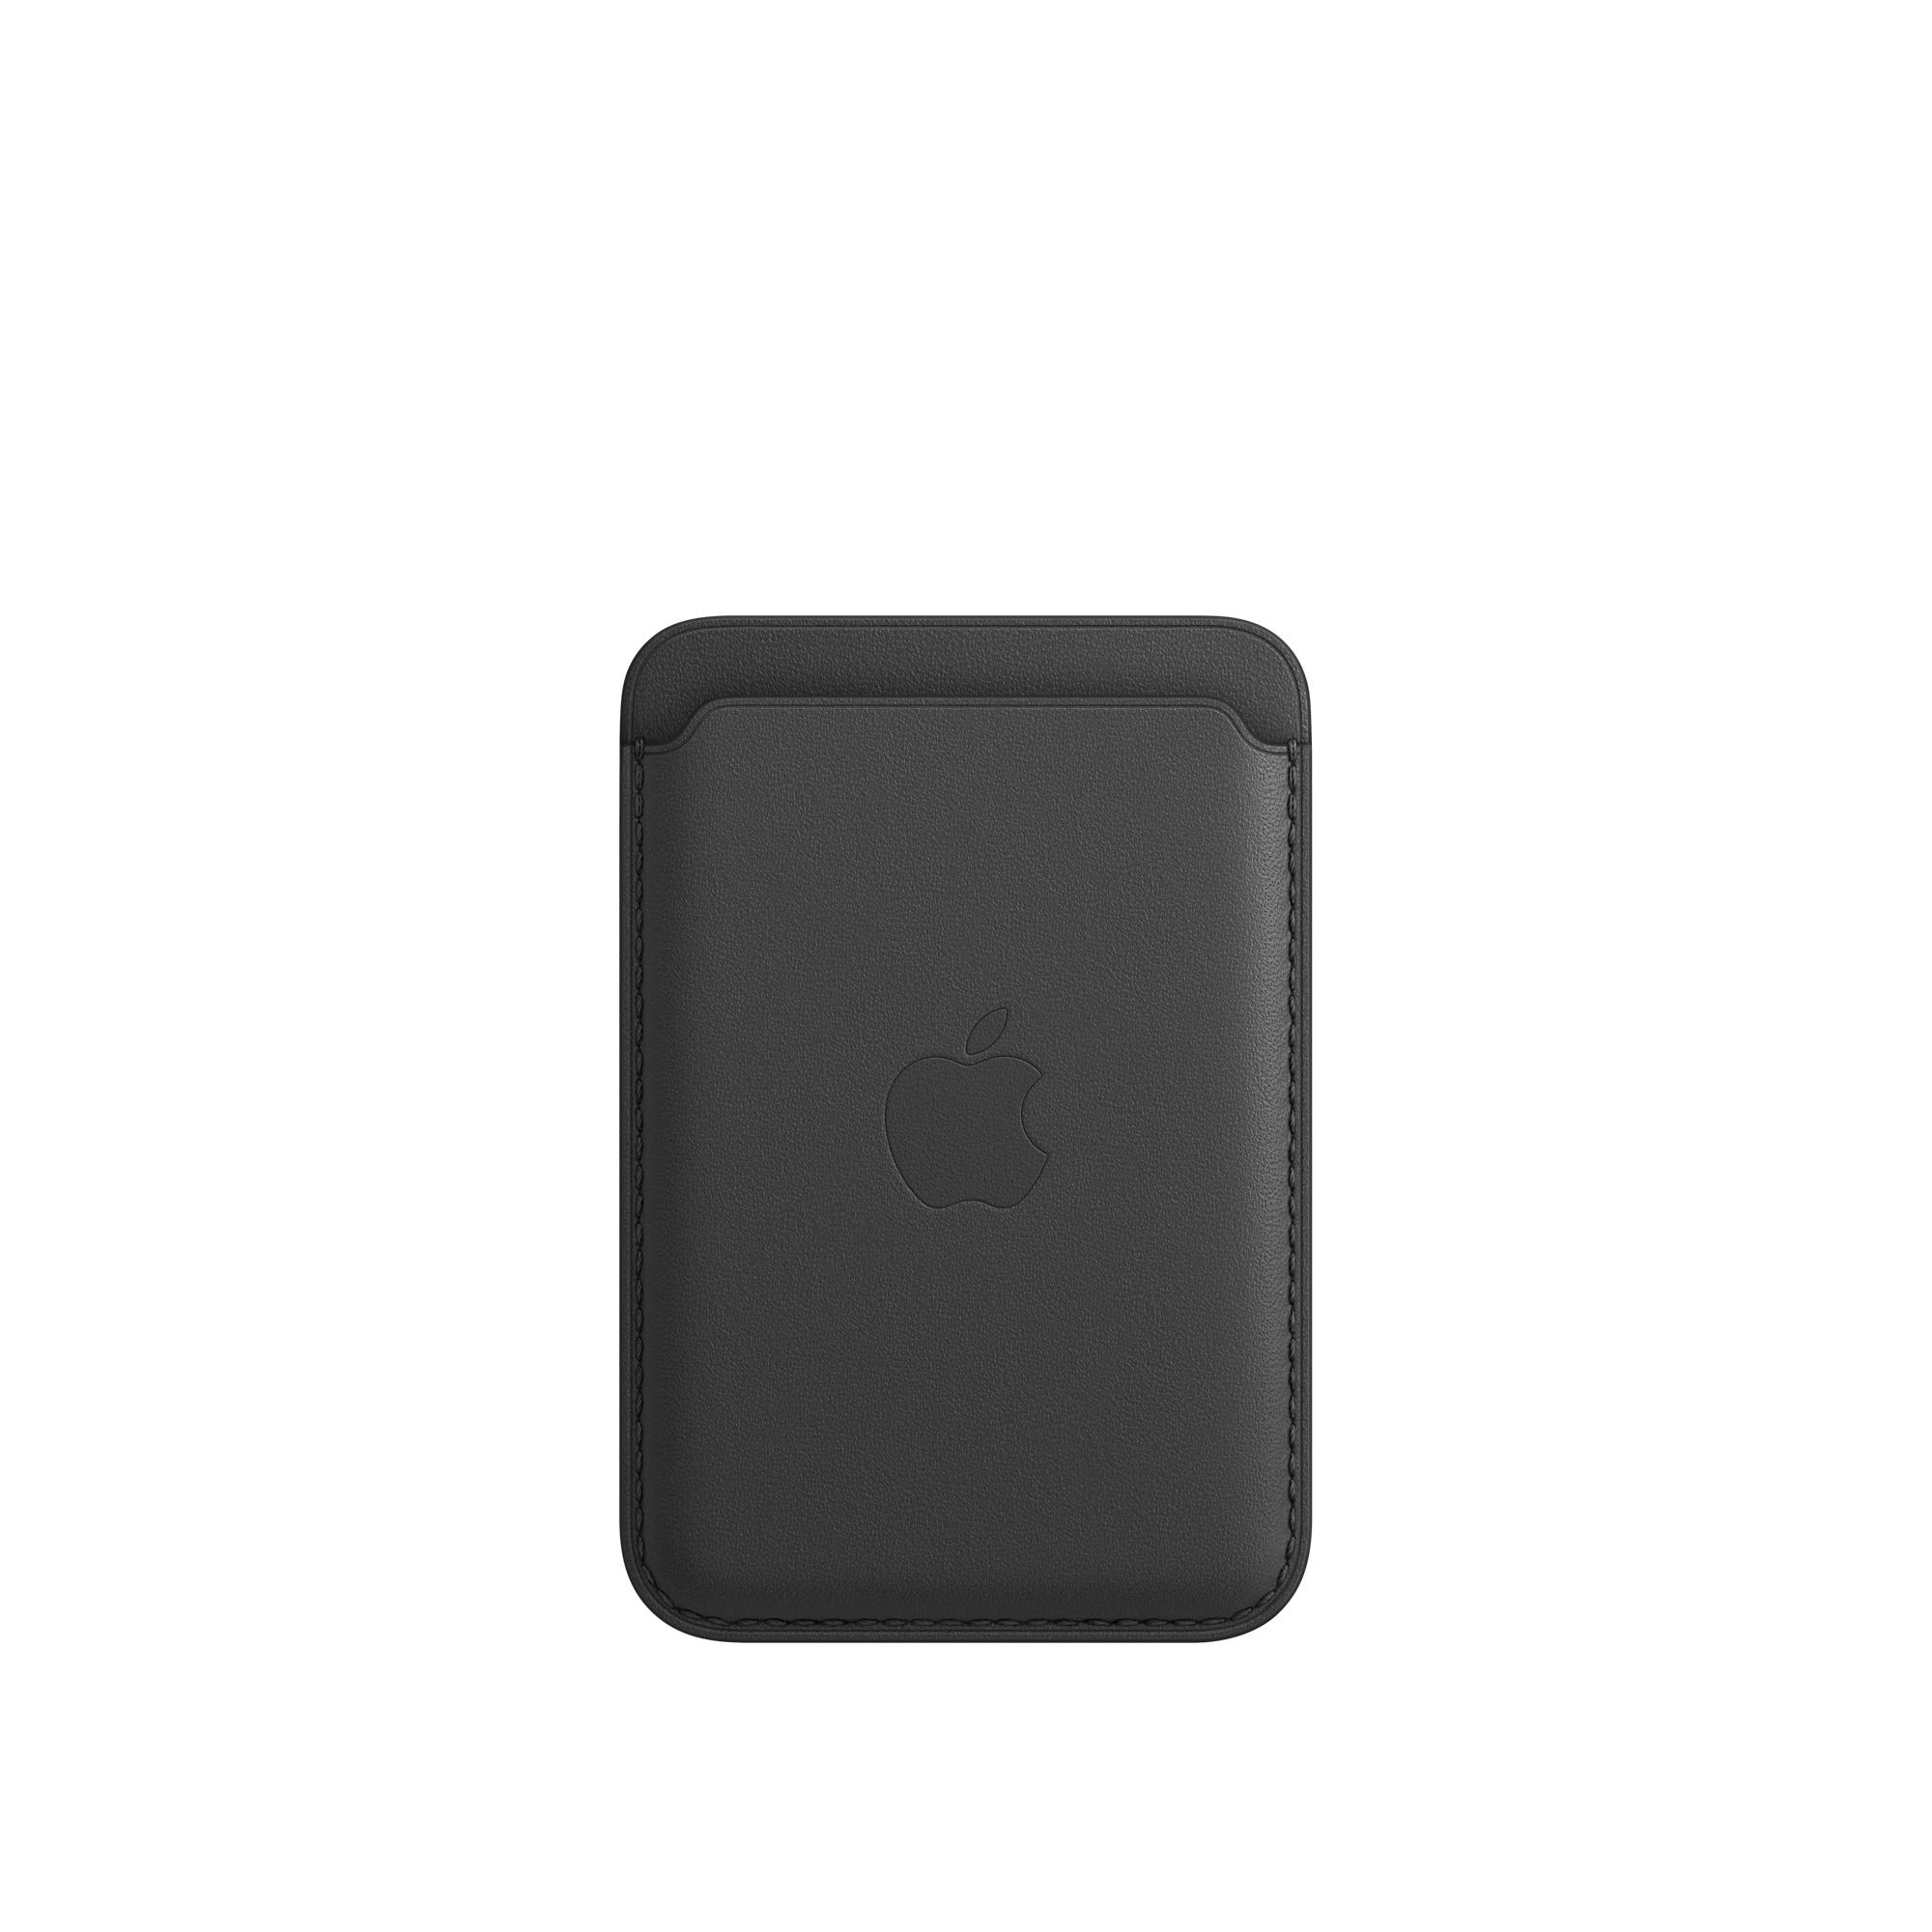 Portafoglio MagSafe inpelle per iPhone - Cuoio